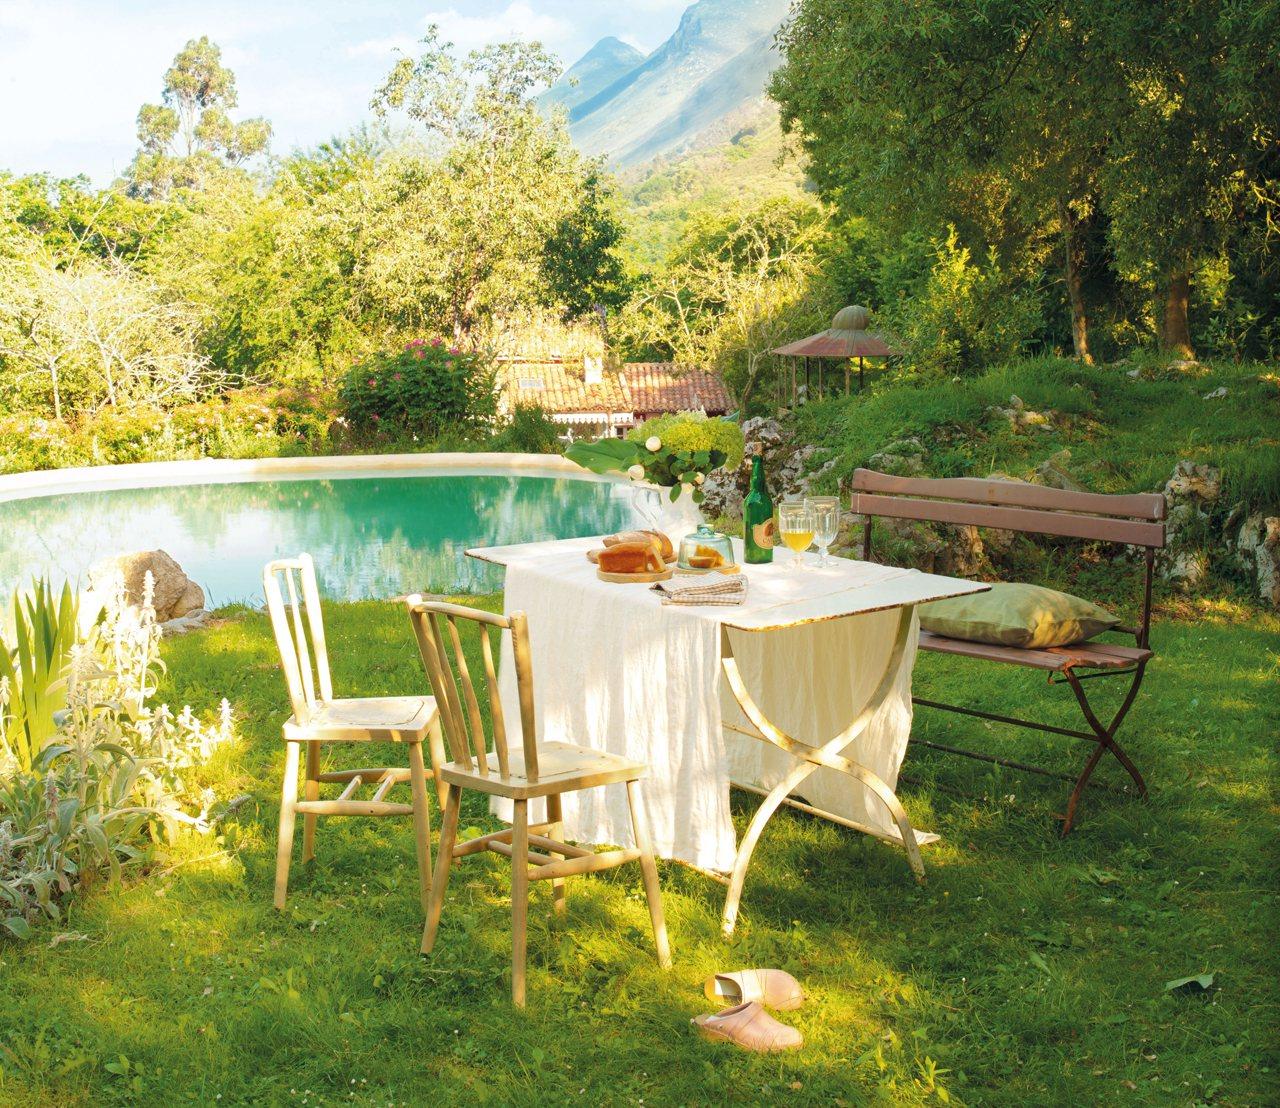 Las claves de 4 expertos para crear un jard n ideal - Como disenar un jardin exterior ...